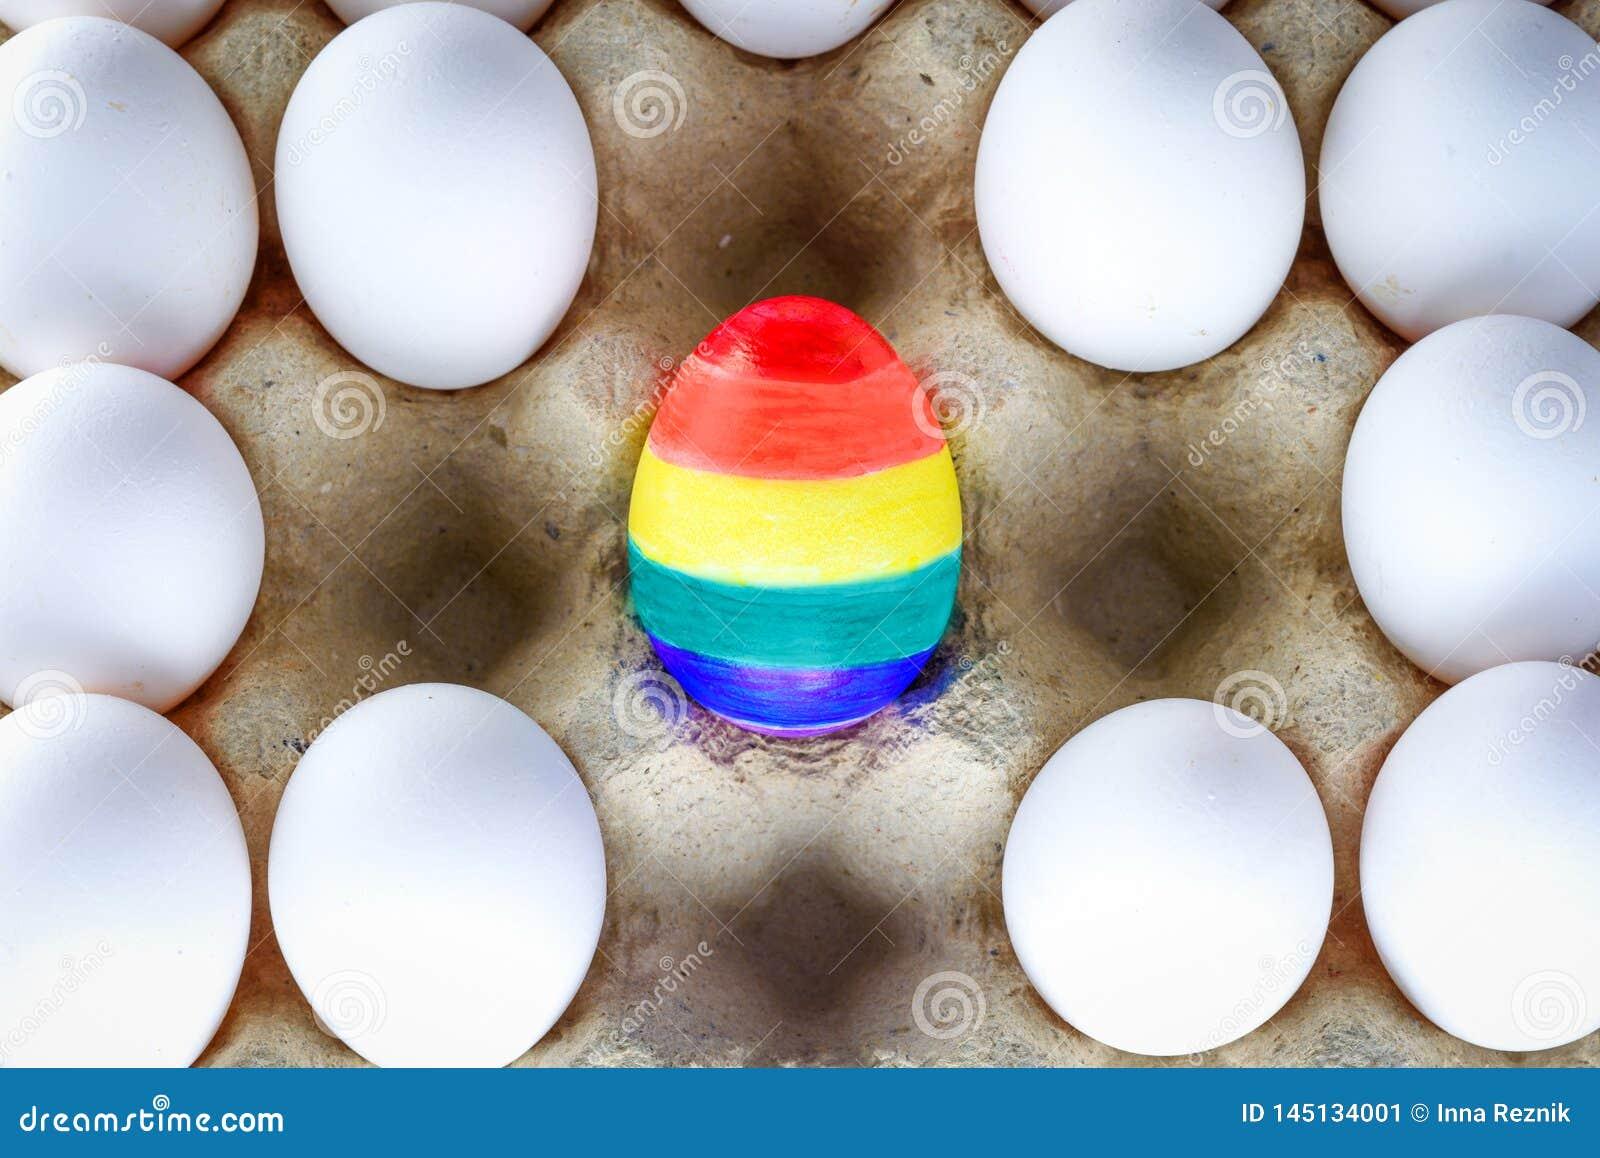 Ei gemalt wie eine LGBT-Flagge Pride lesbisches homosexuelles bisexuelles Transgender der Rechte des Monats LGBT Regenbogenflagge